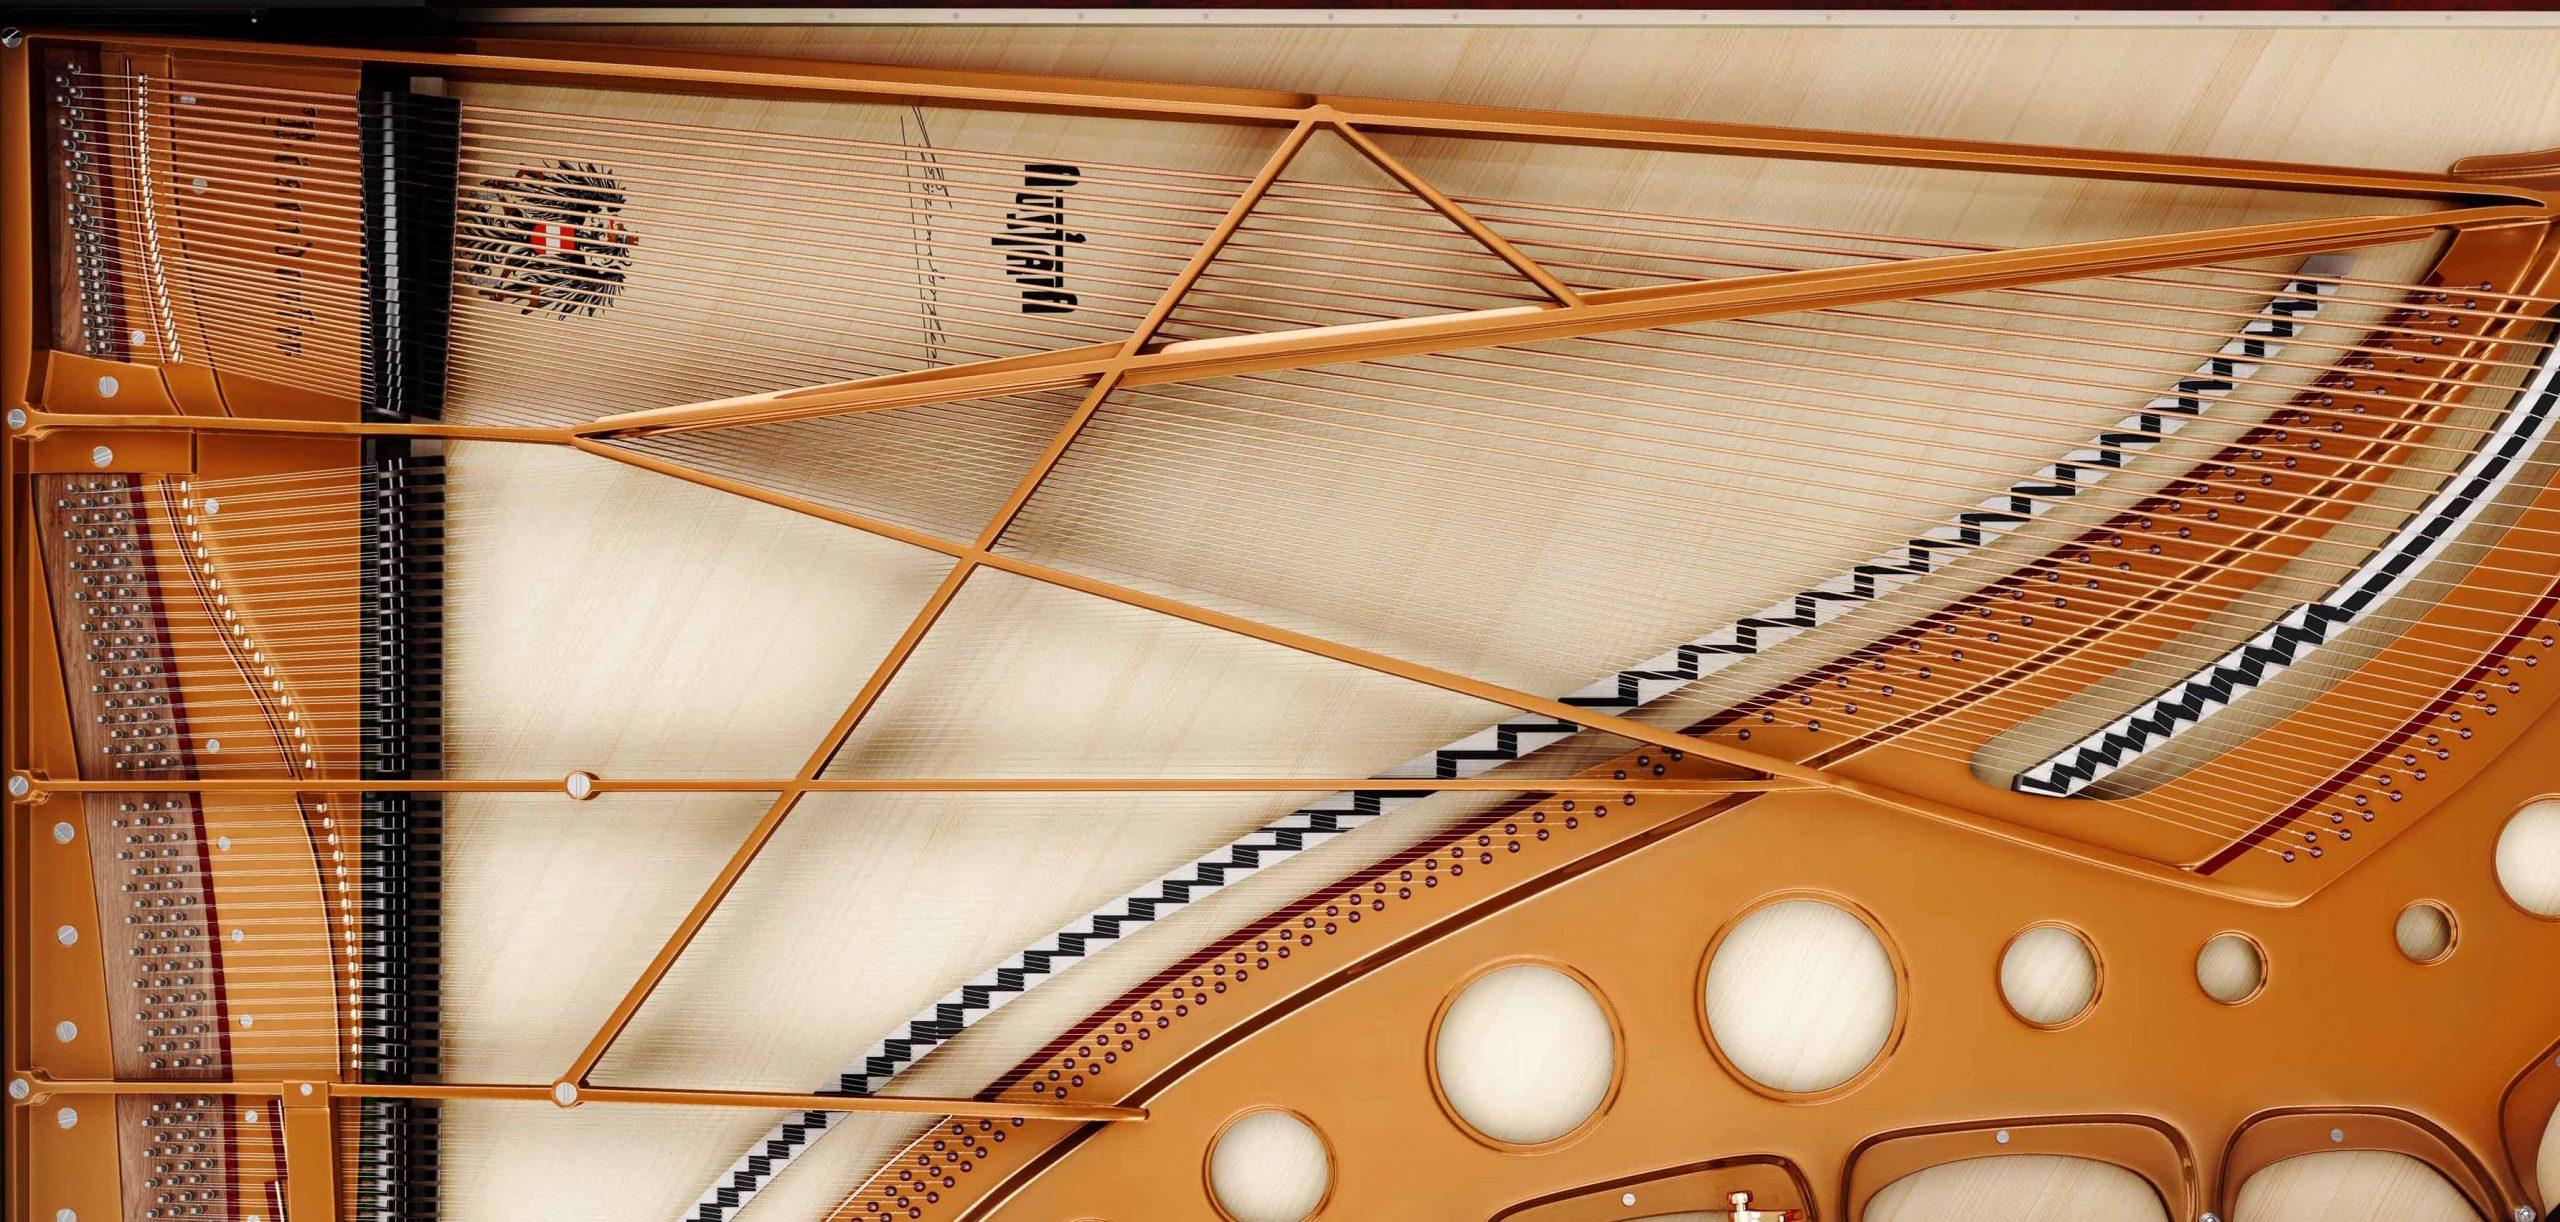 Table d'harmonie de piano